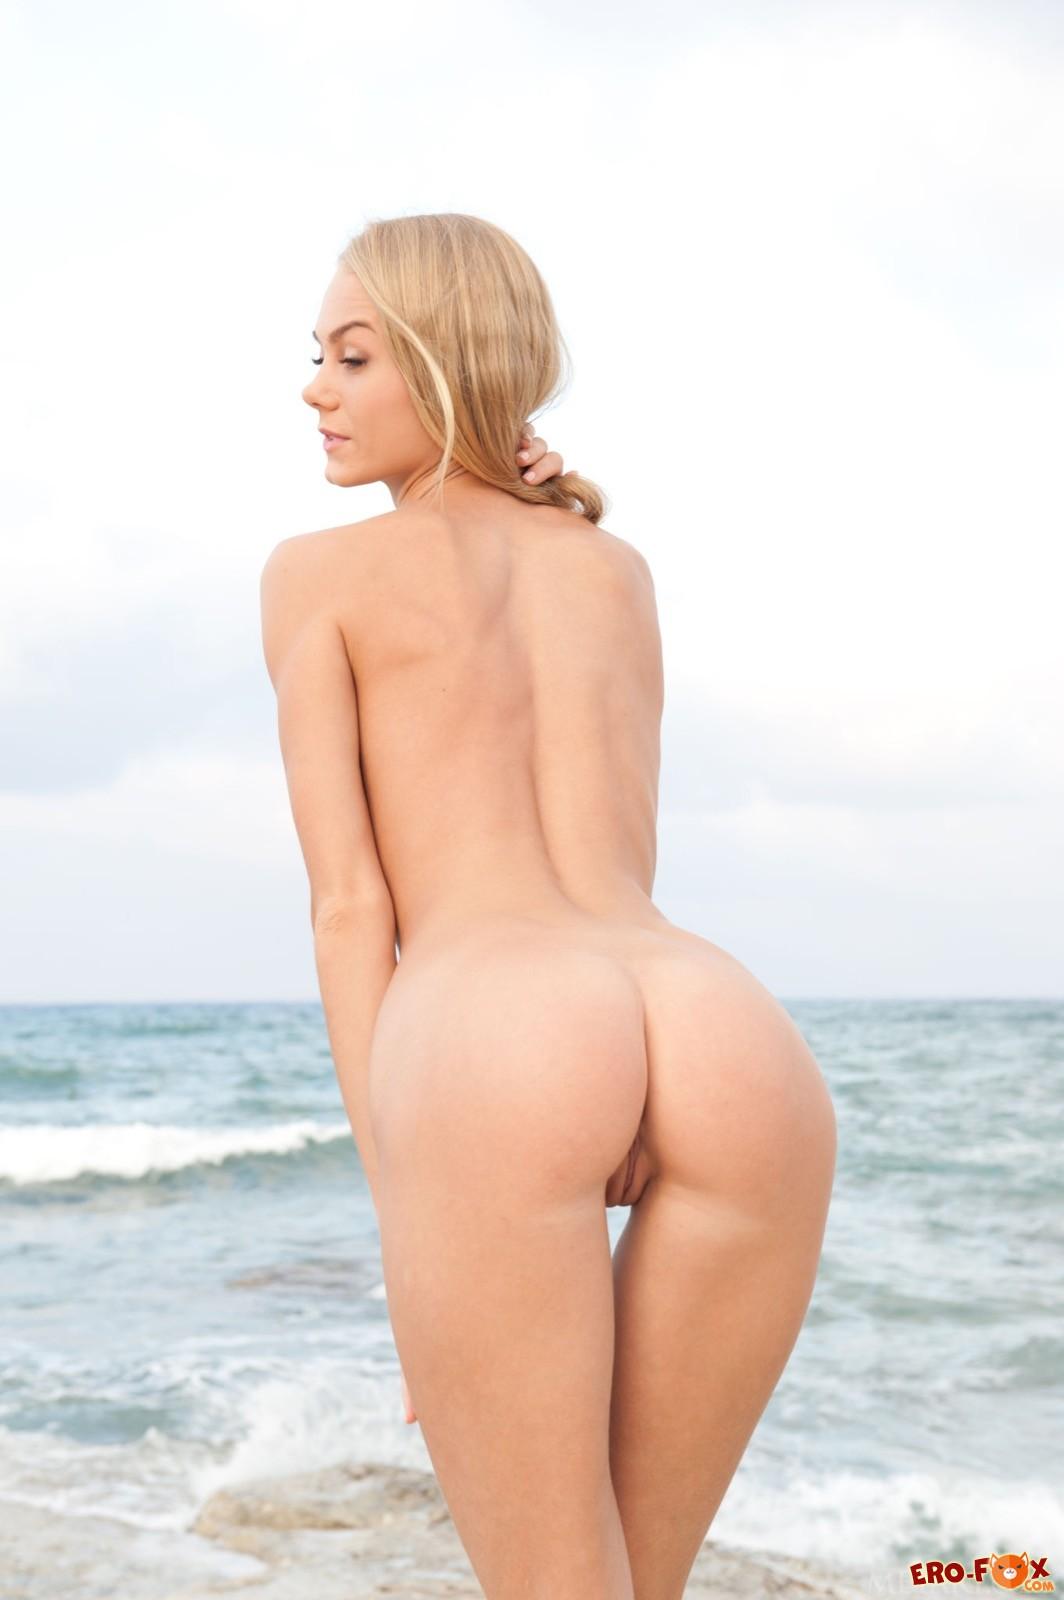 Худая блондинка сняла платье и позирует на пляже